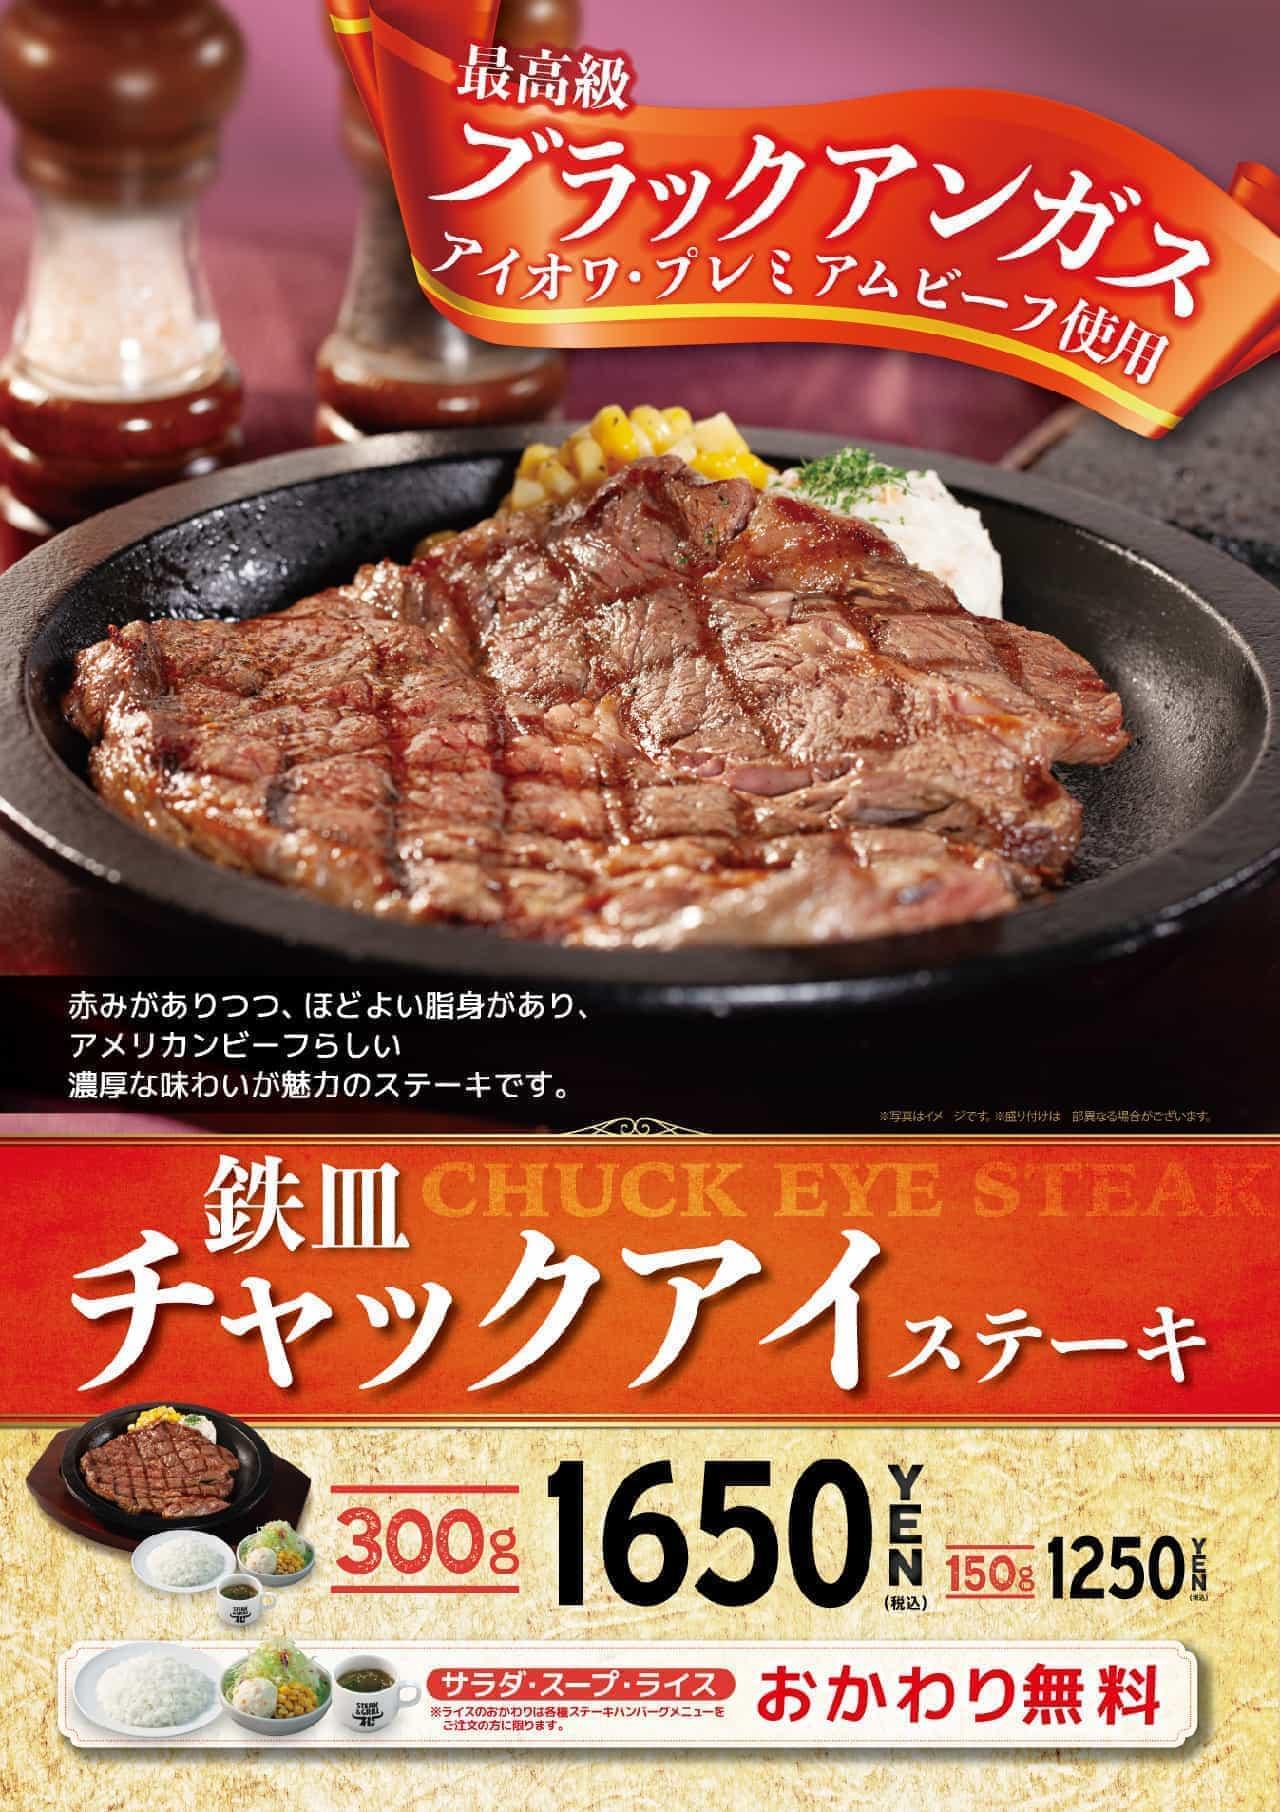 ステーキ屋 松「鉄皿チャックアイステーキ」